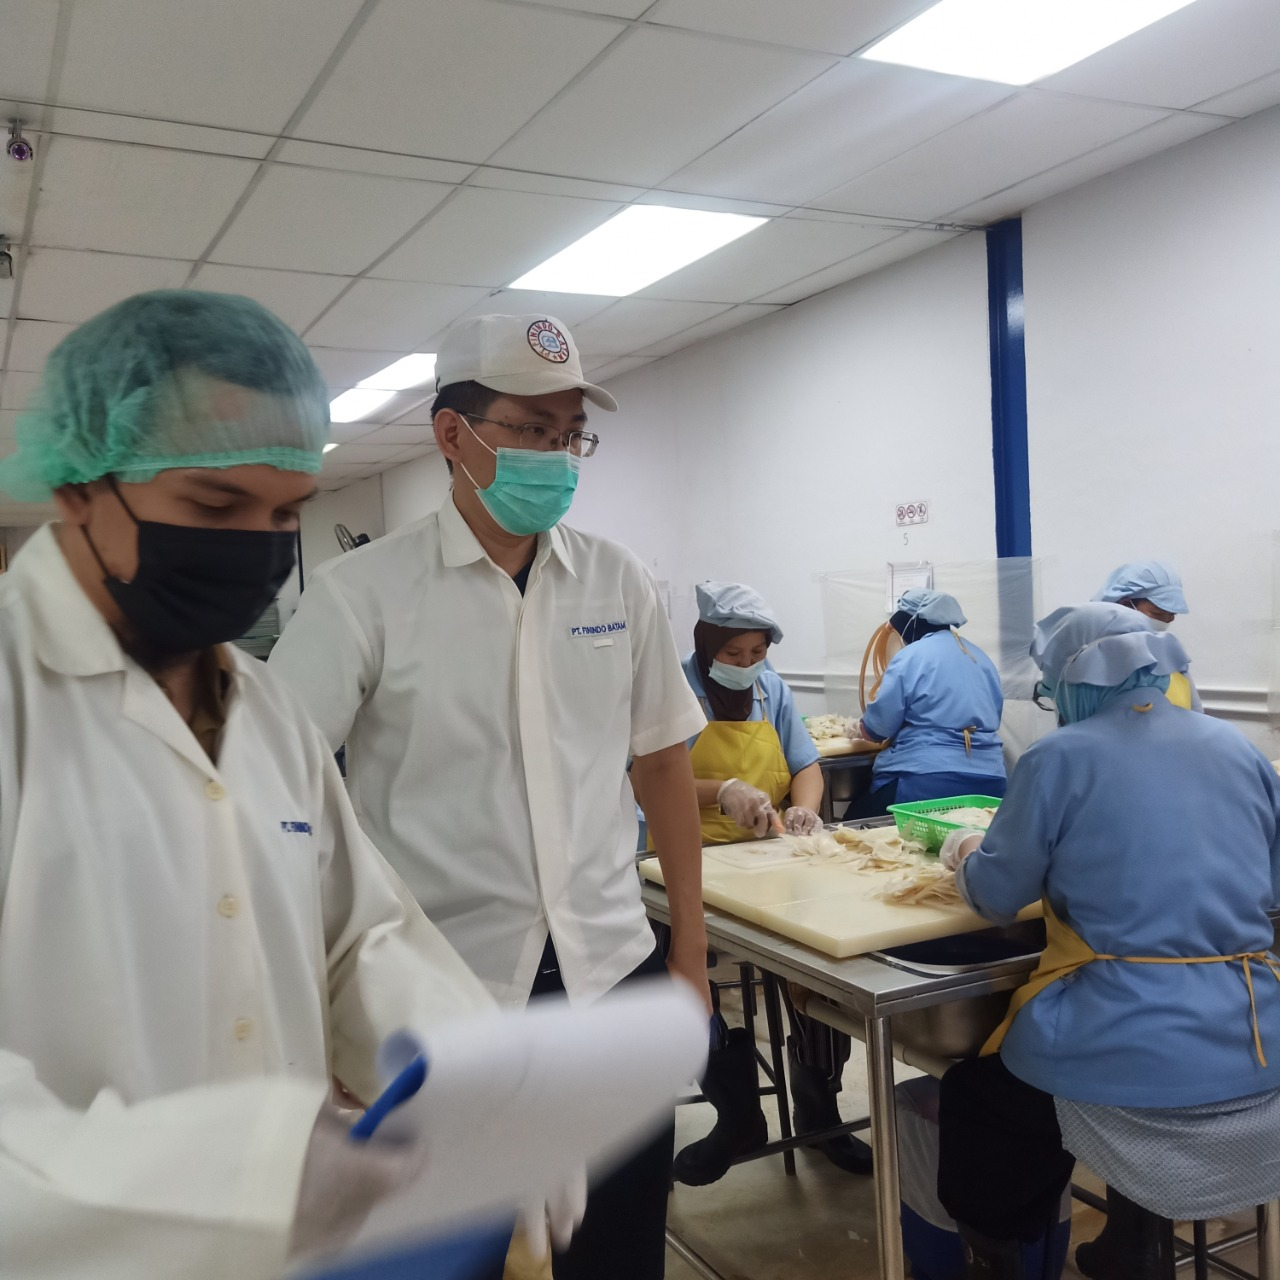 Melakukan-inventarisasi-dan-pembinaan-mutu-produk-di-UPI-PT-Finindo.